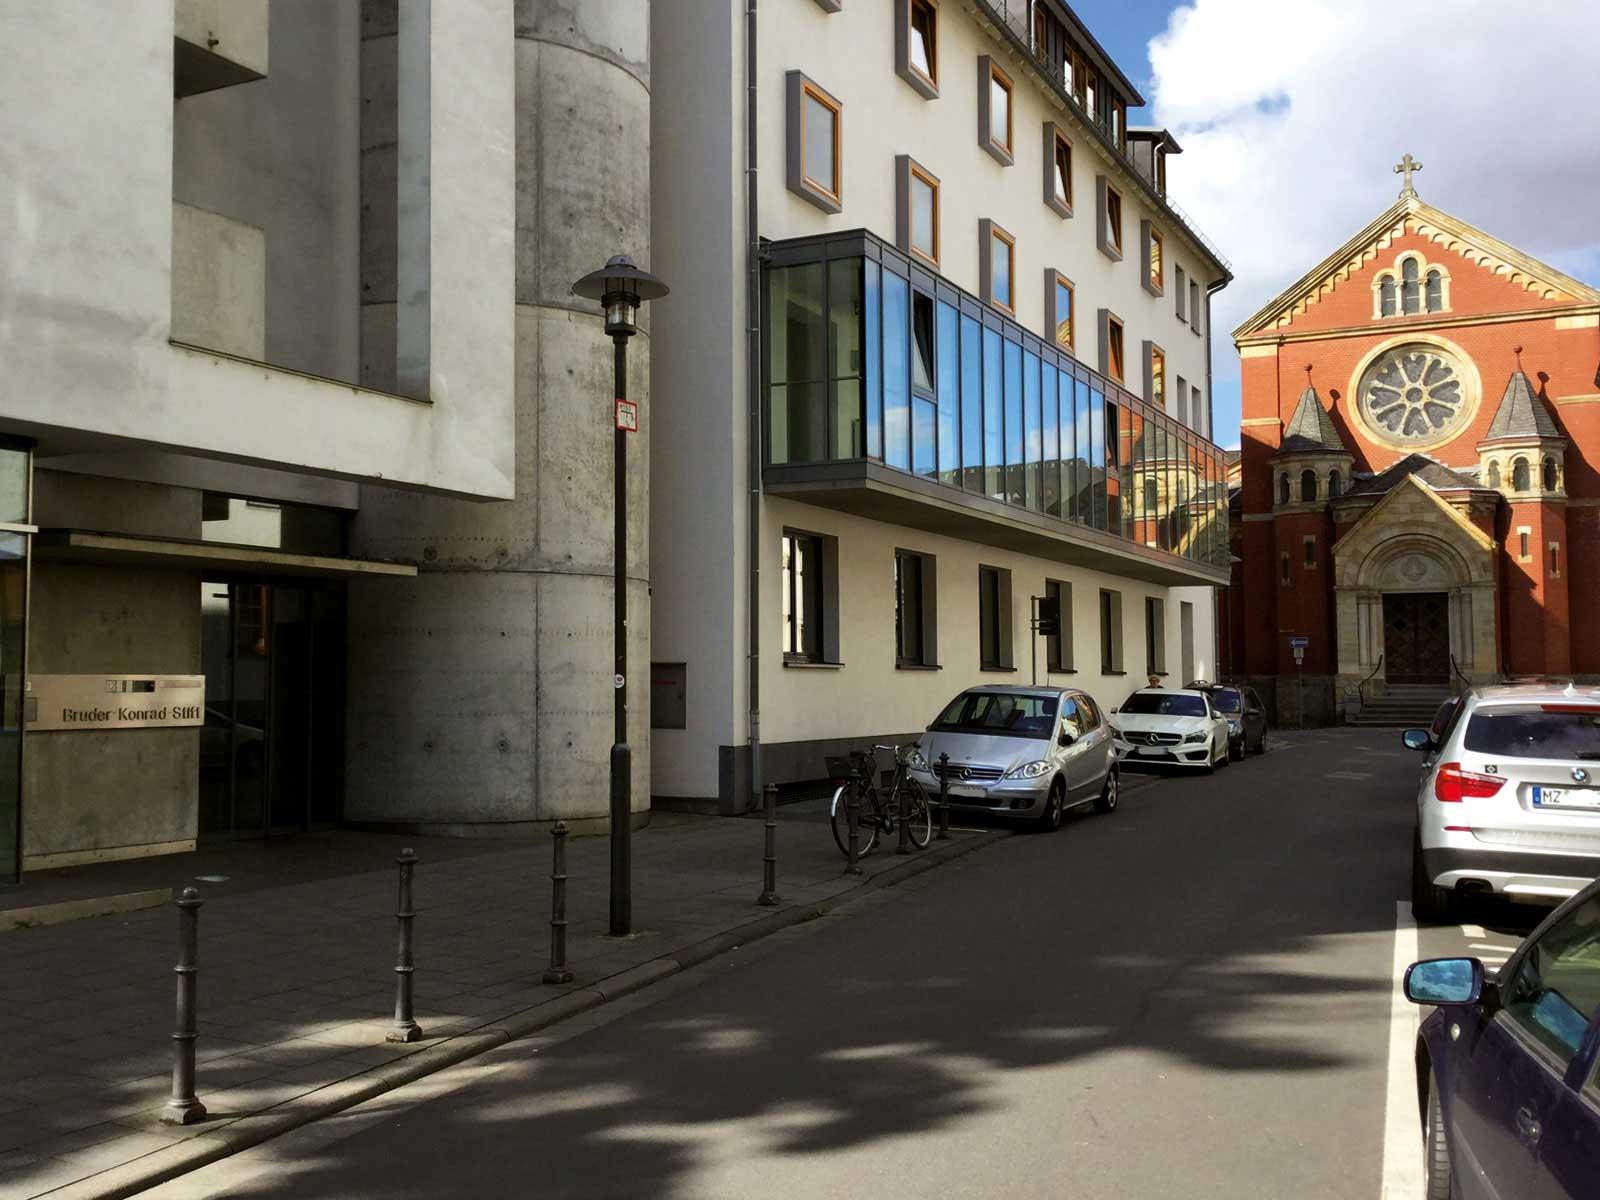 Seniorenzentrum-Bruder-Konrad-Stift-Haupteingang-6